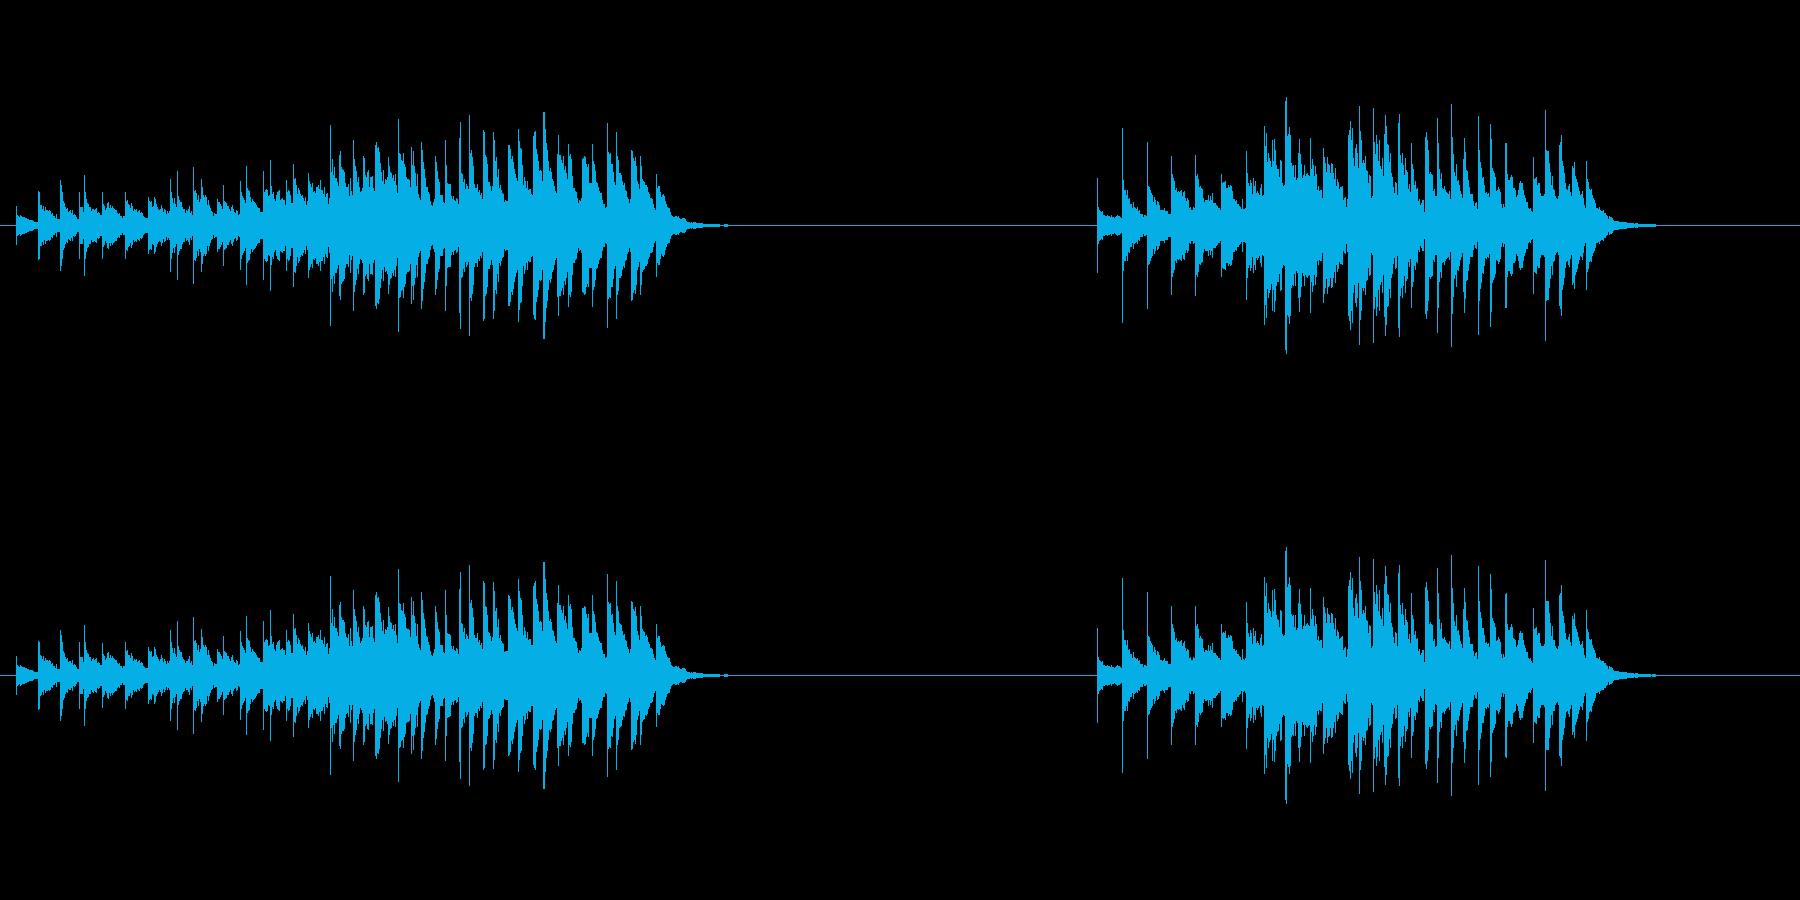 フレキシトーン:振動ラトル、上昇の再生済みの波形